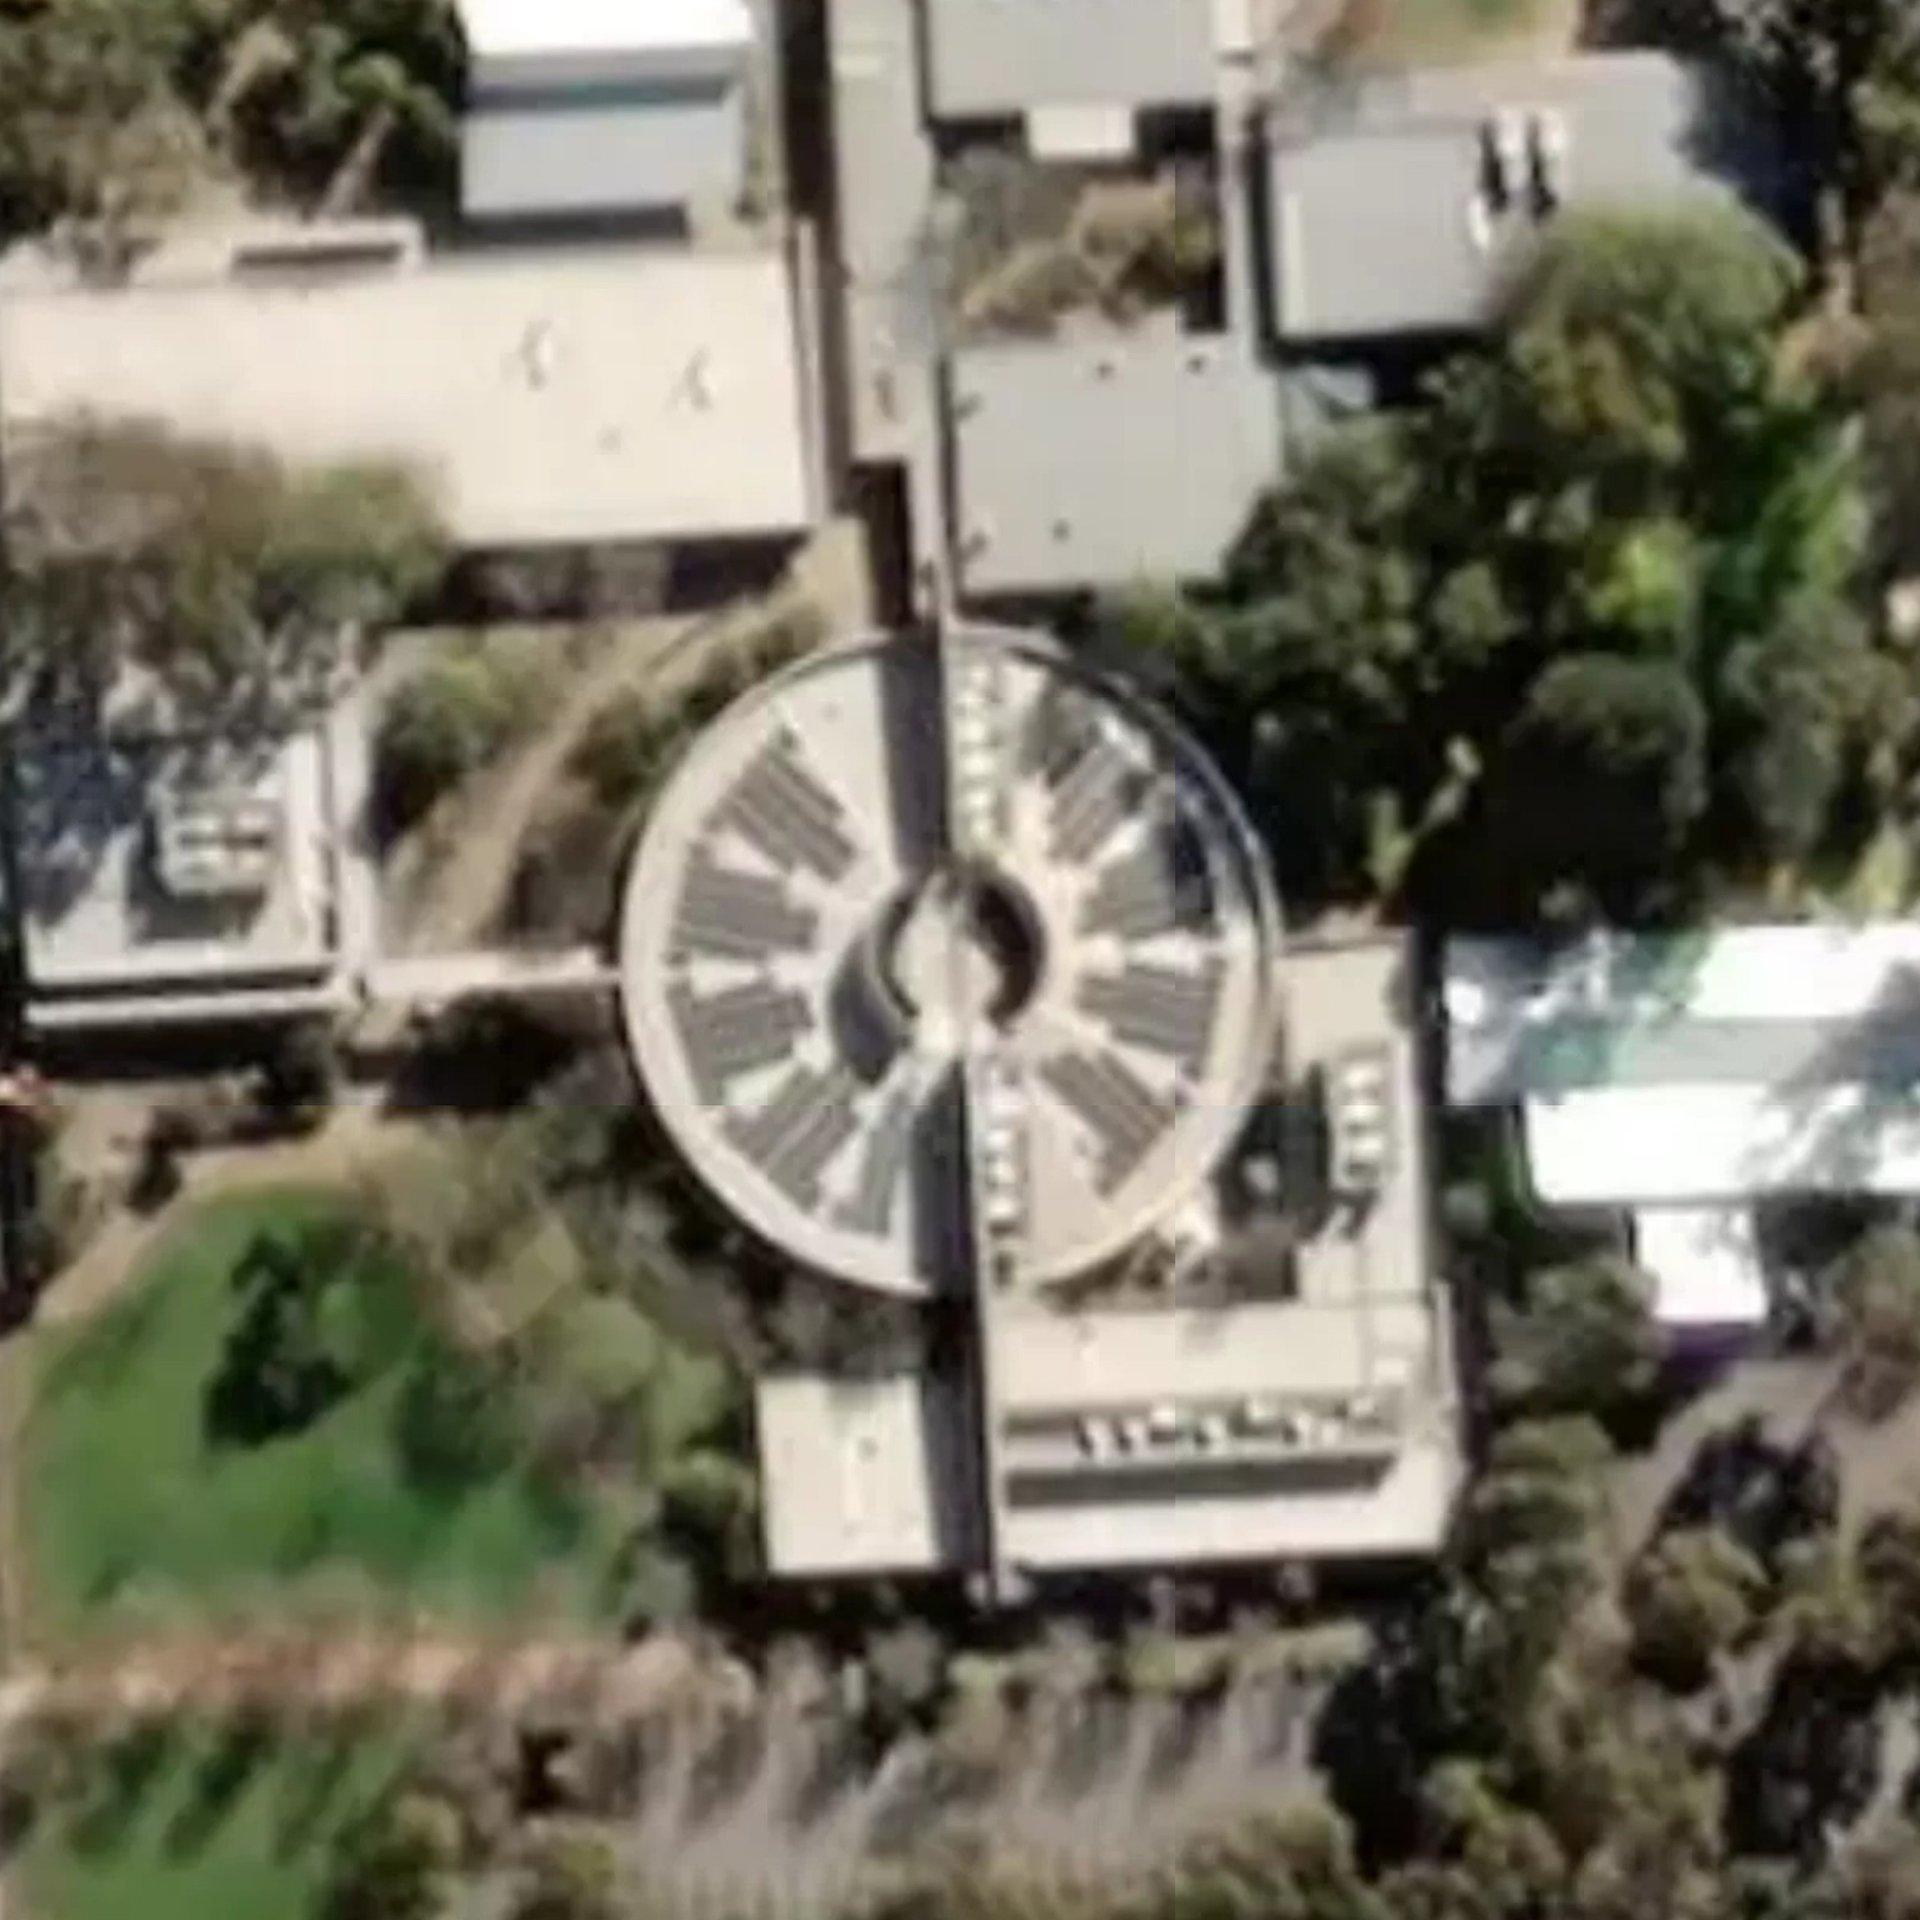 Urrbrae_Satellite_Image_Square.jpg